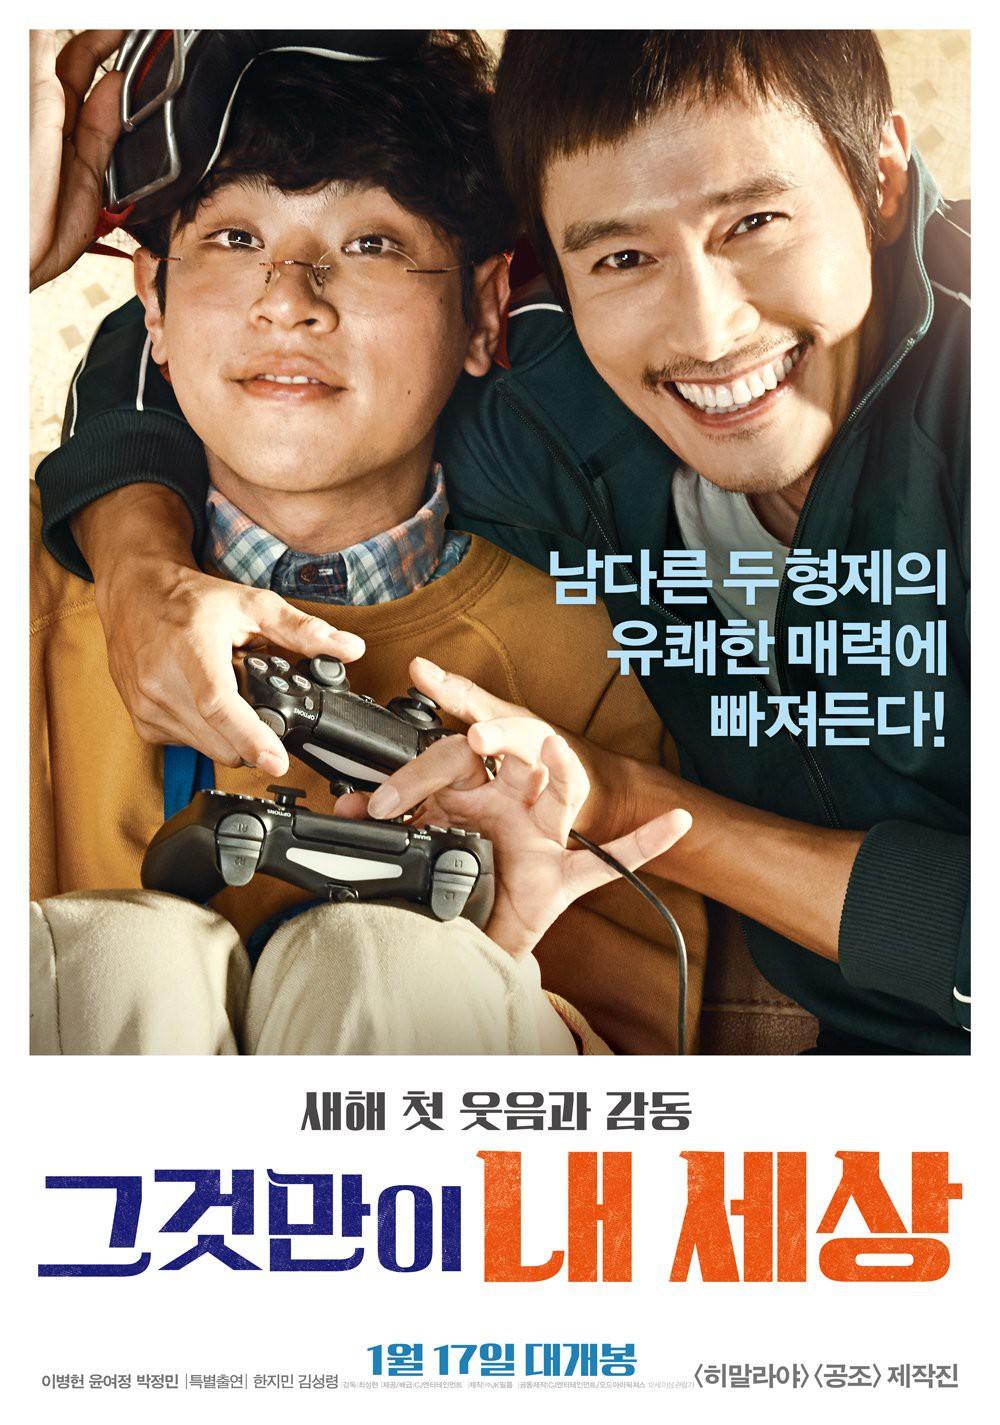 Xin Chào, Cậu Em Khác Người! - Khóc ngon lành vì mẹ con Lee Byung Hun - Ảnh 1.